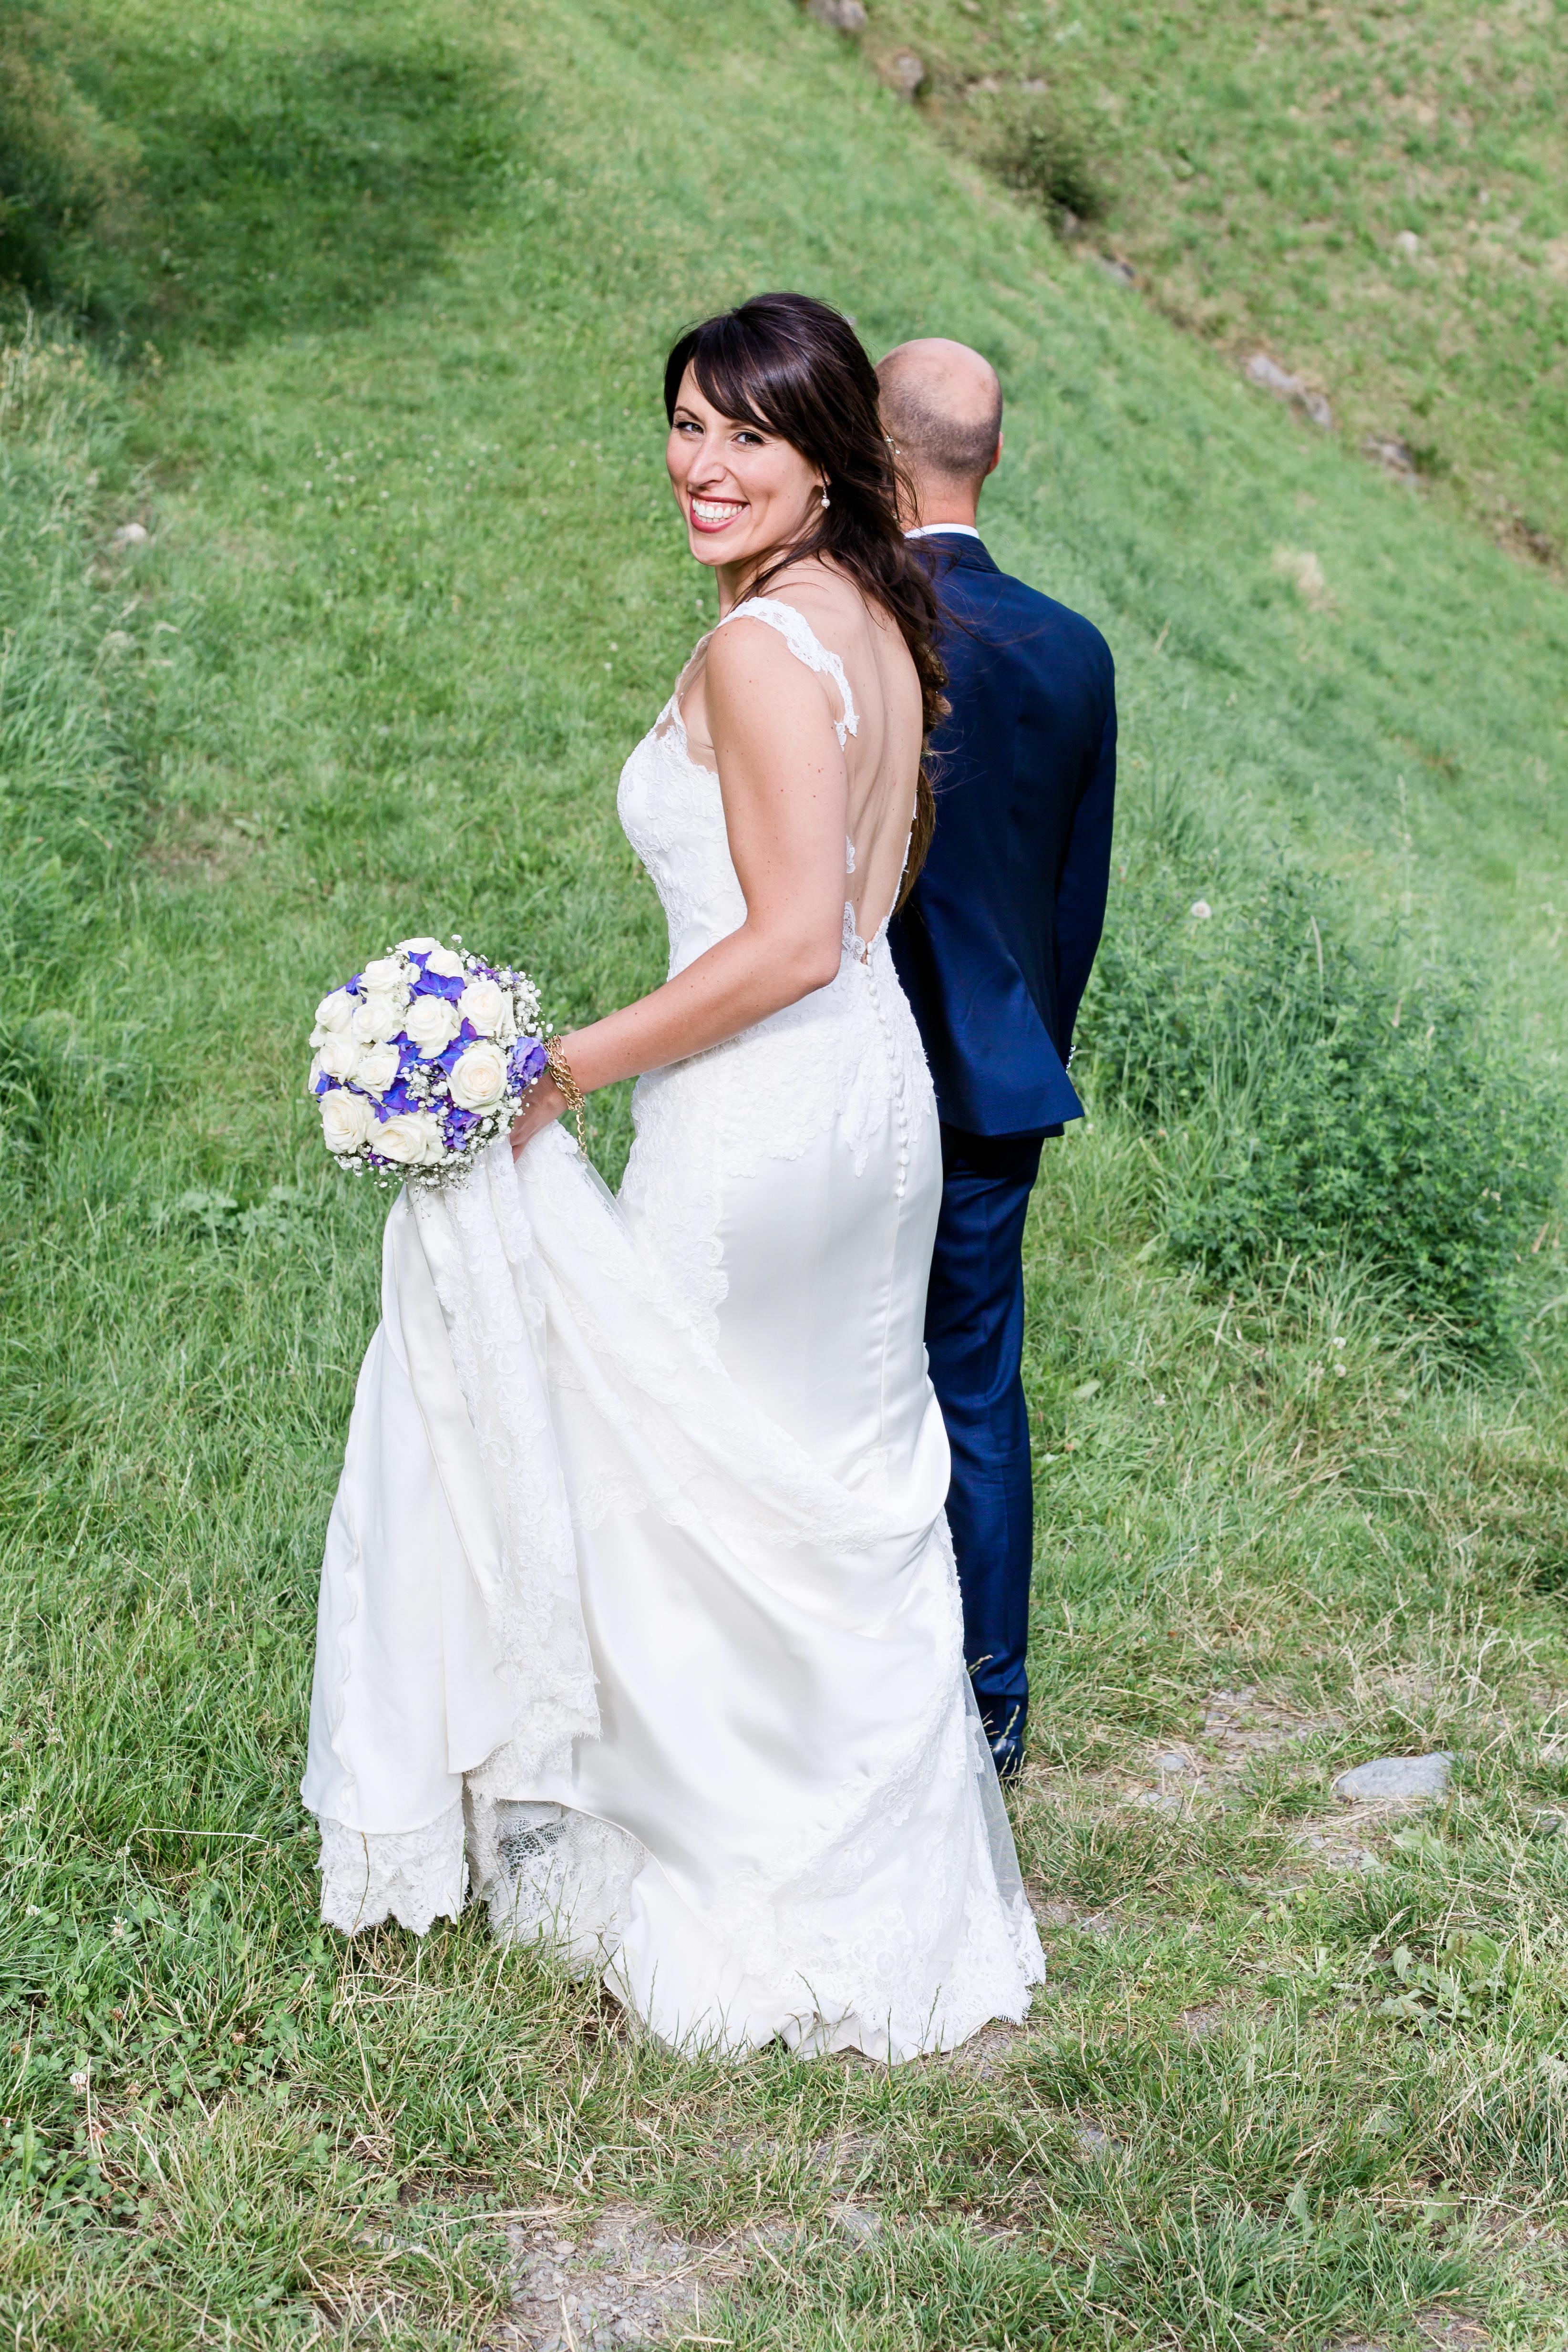 Claudia Sittig Photography - Couple - Hochzeit  Wedding - Steffi und Ziad - 38f